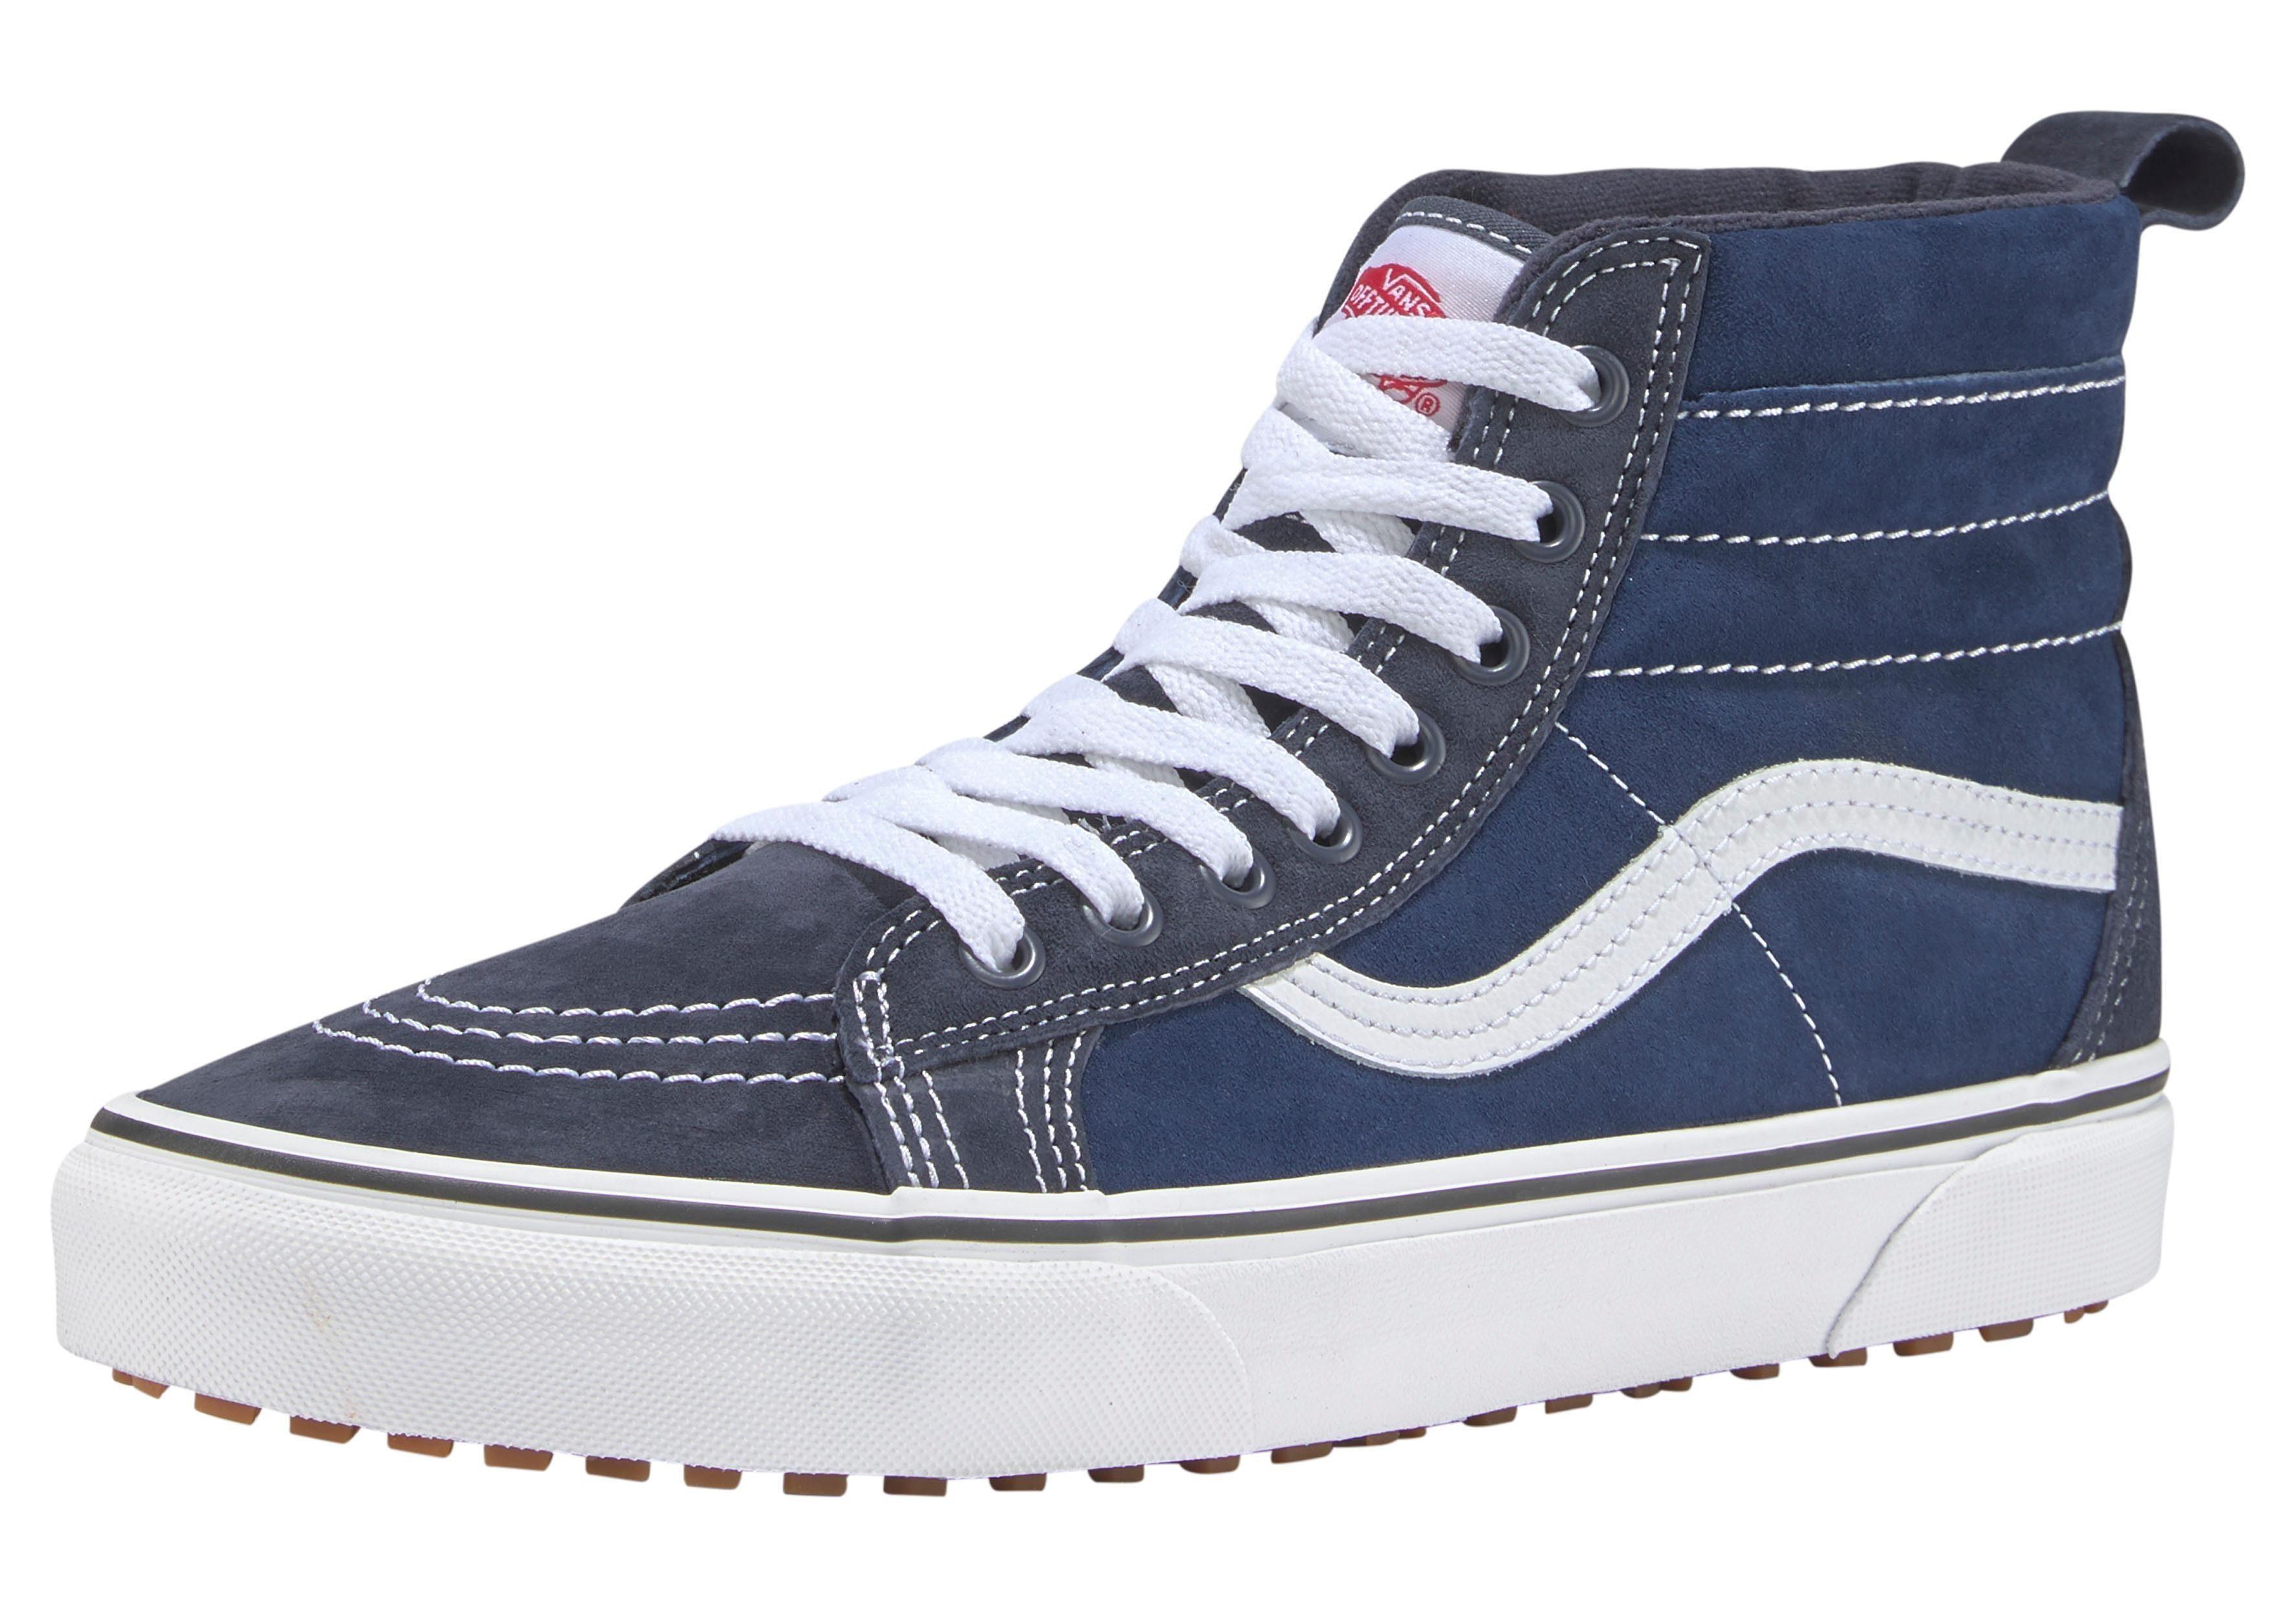 Vans »SK8 Hi MTE« Sneaker, Weiches Obermaterial aus Leder online kaufen | OTTO